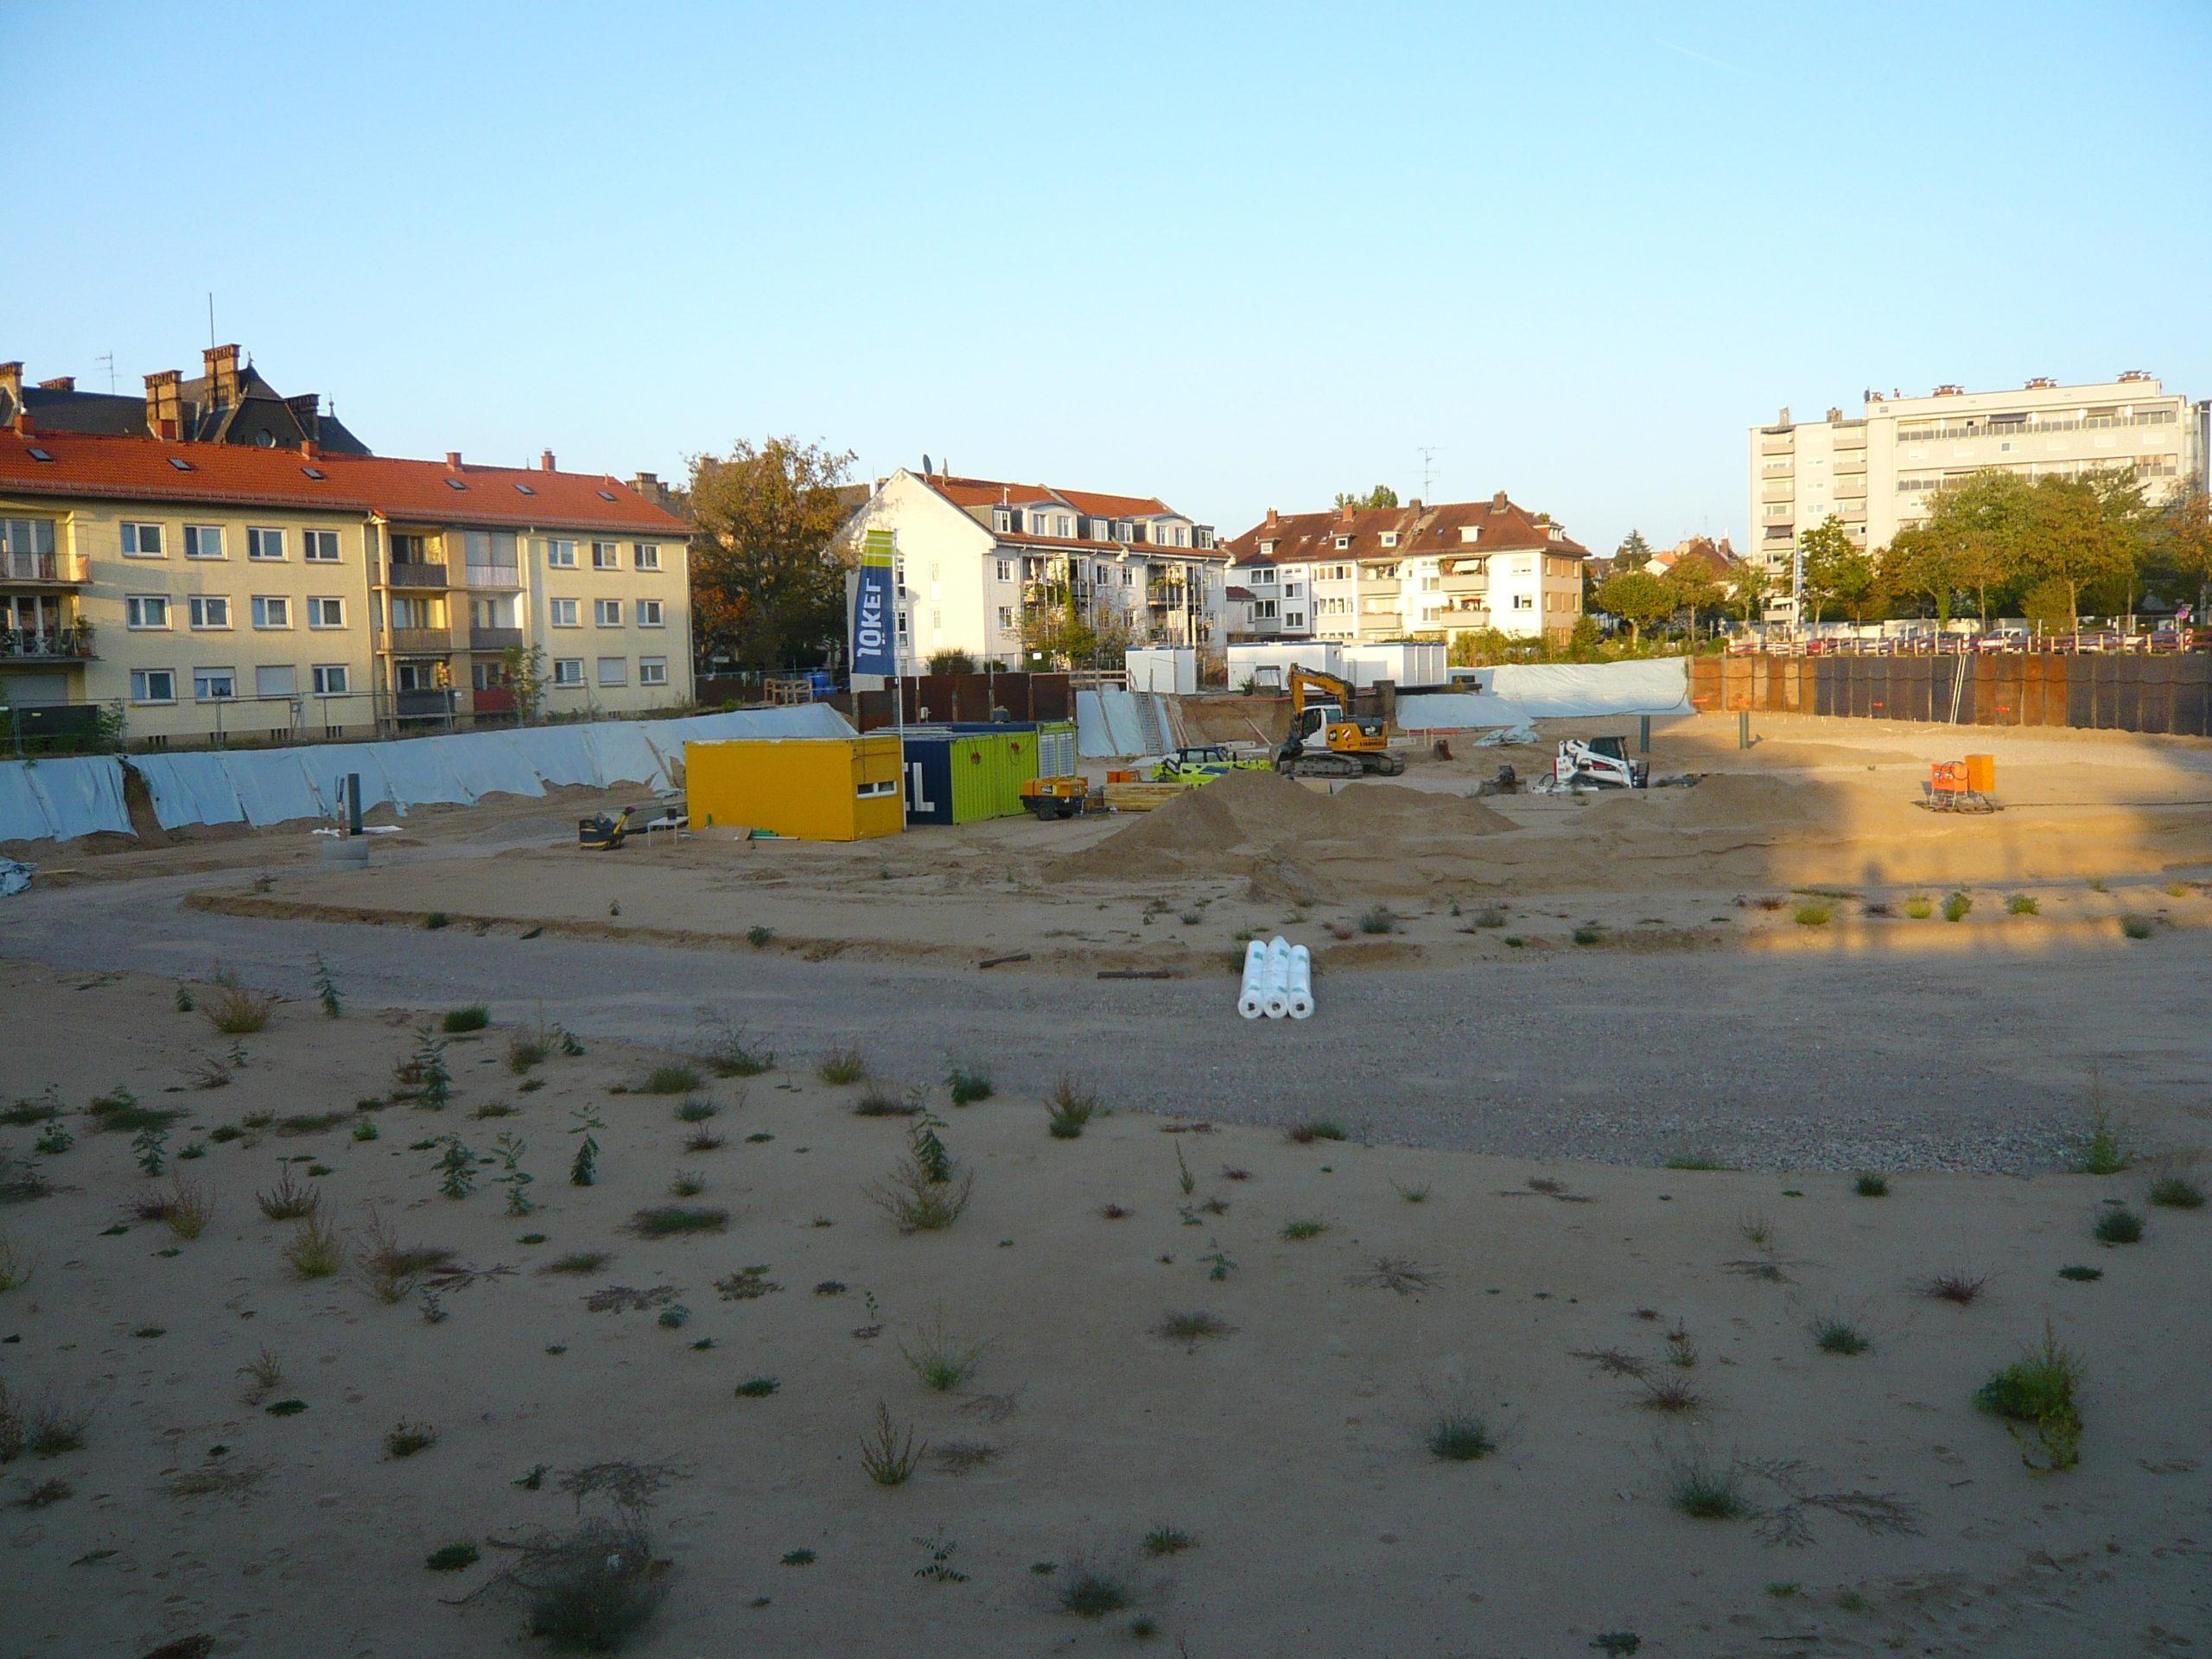 Baustelle Moltkestraße: Bau der neuen Häuser beginnt…